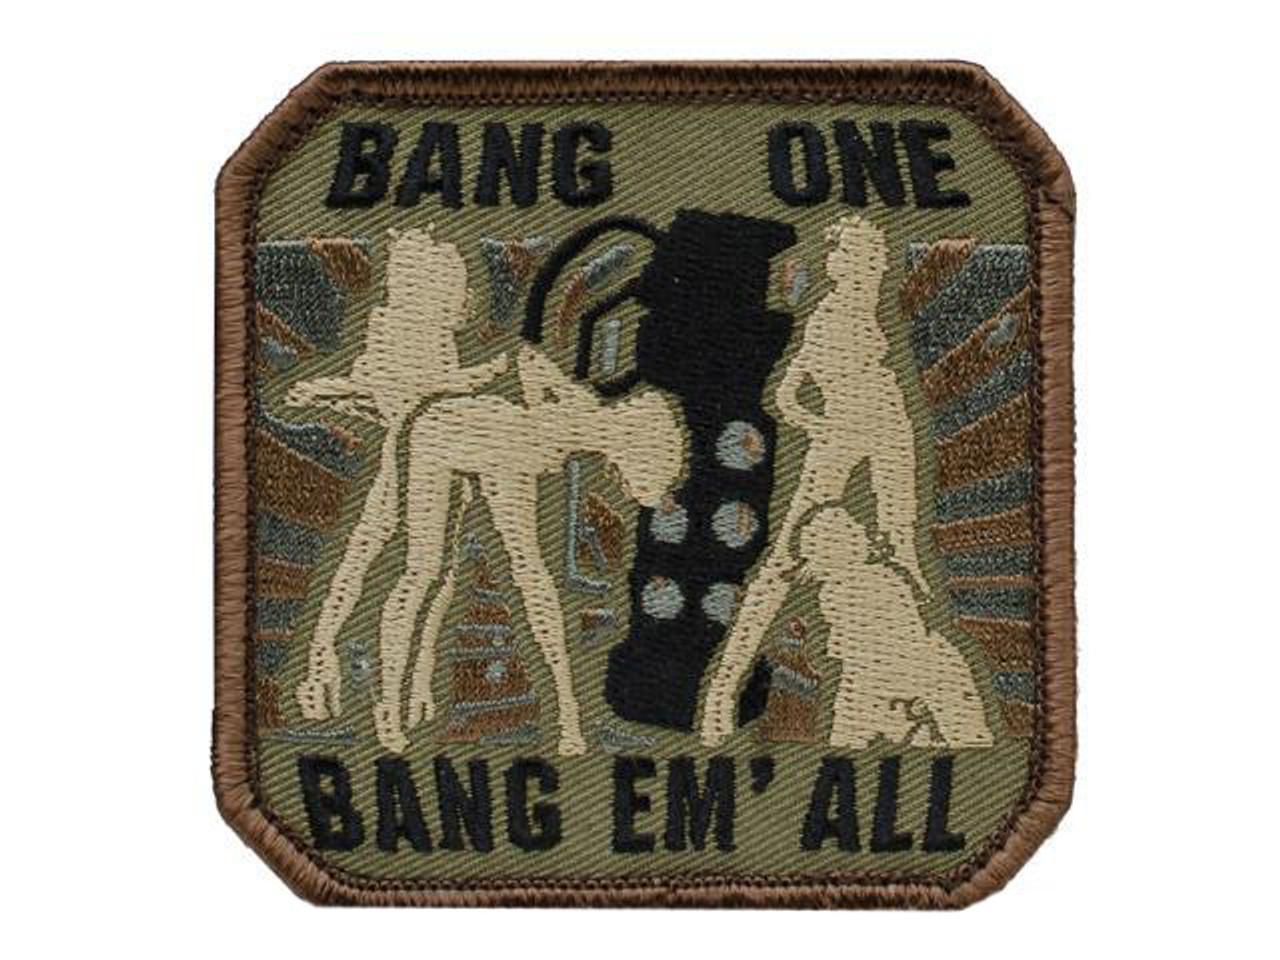 Military bang bare